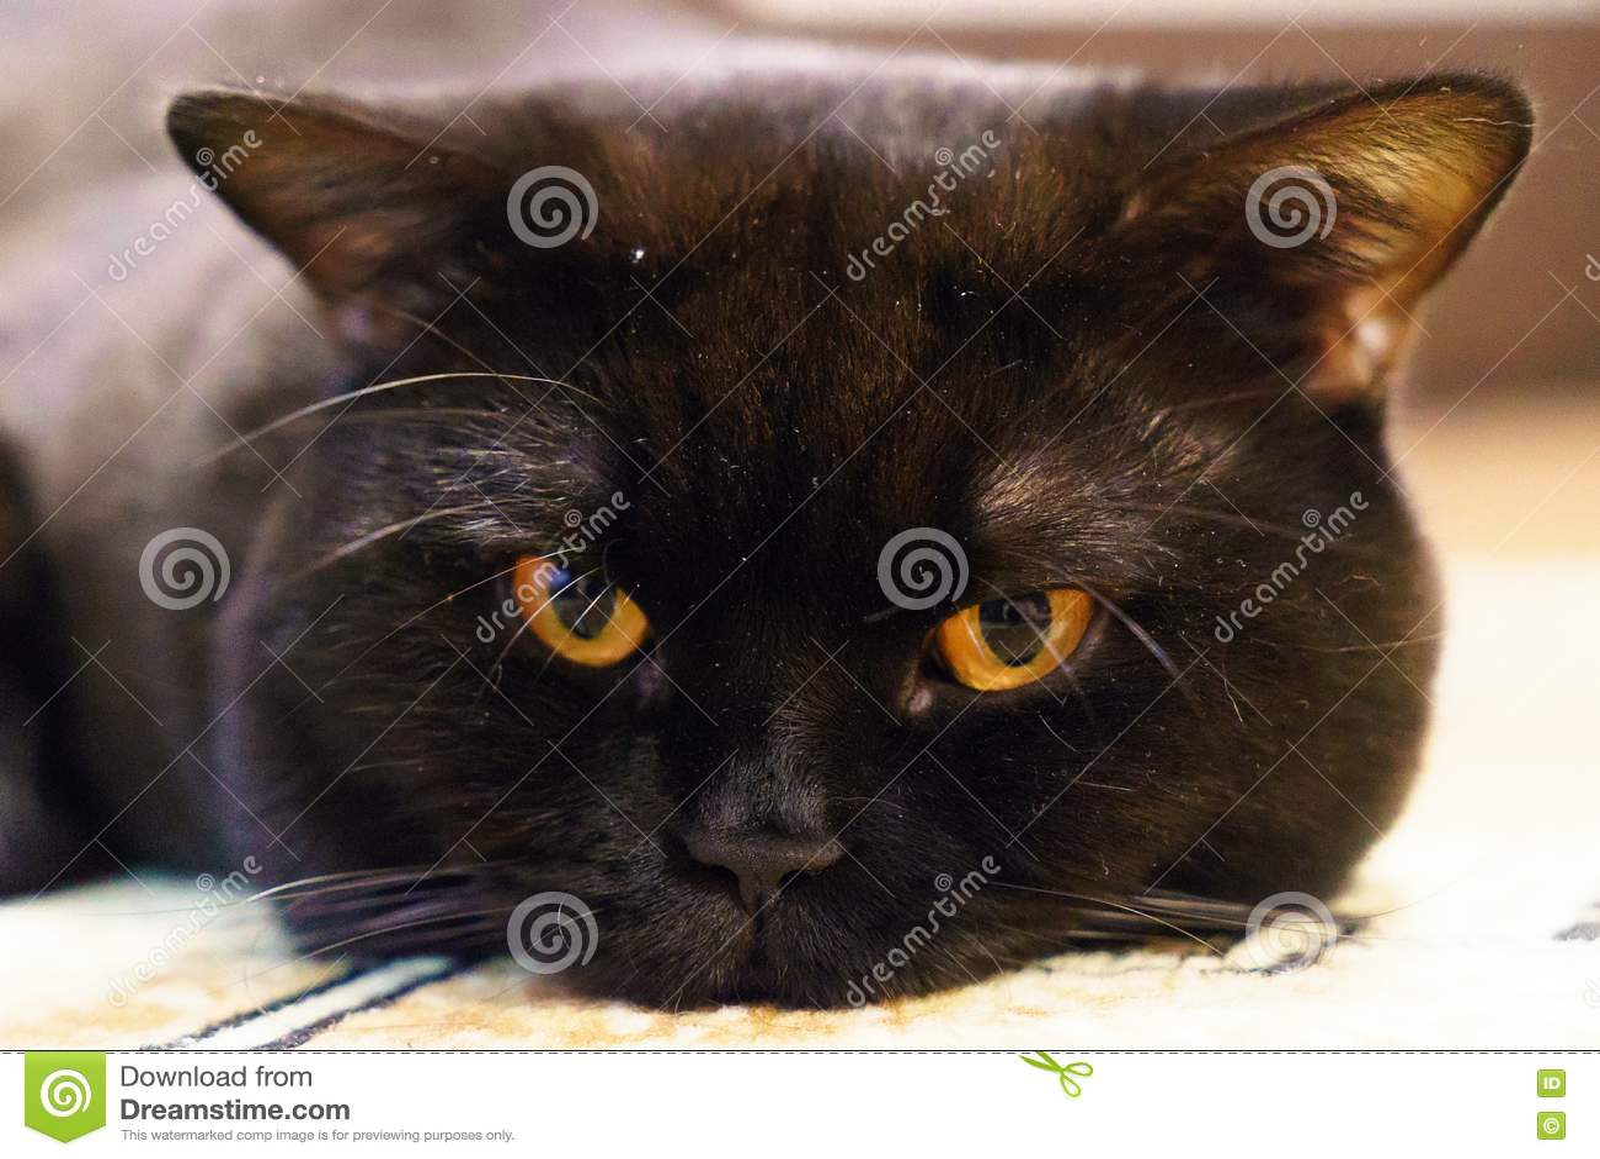 Portret van een zwarte Britse kat met oranje ogen